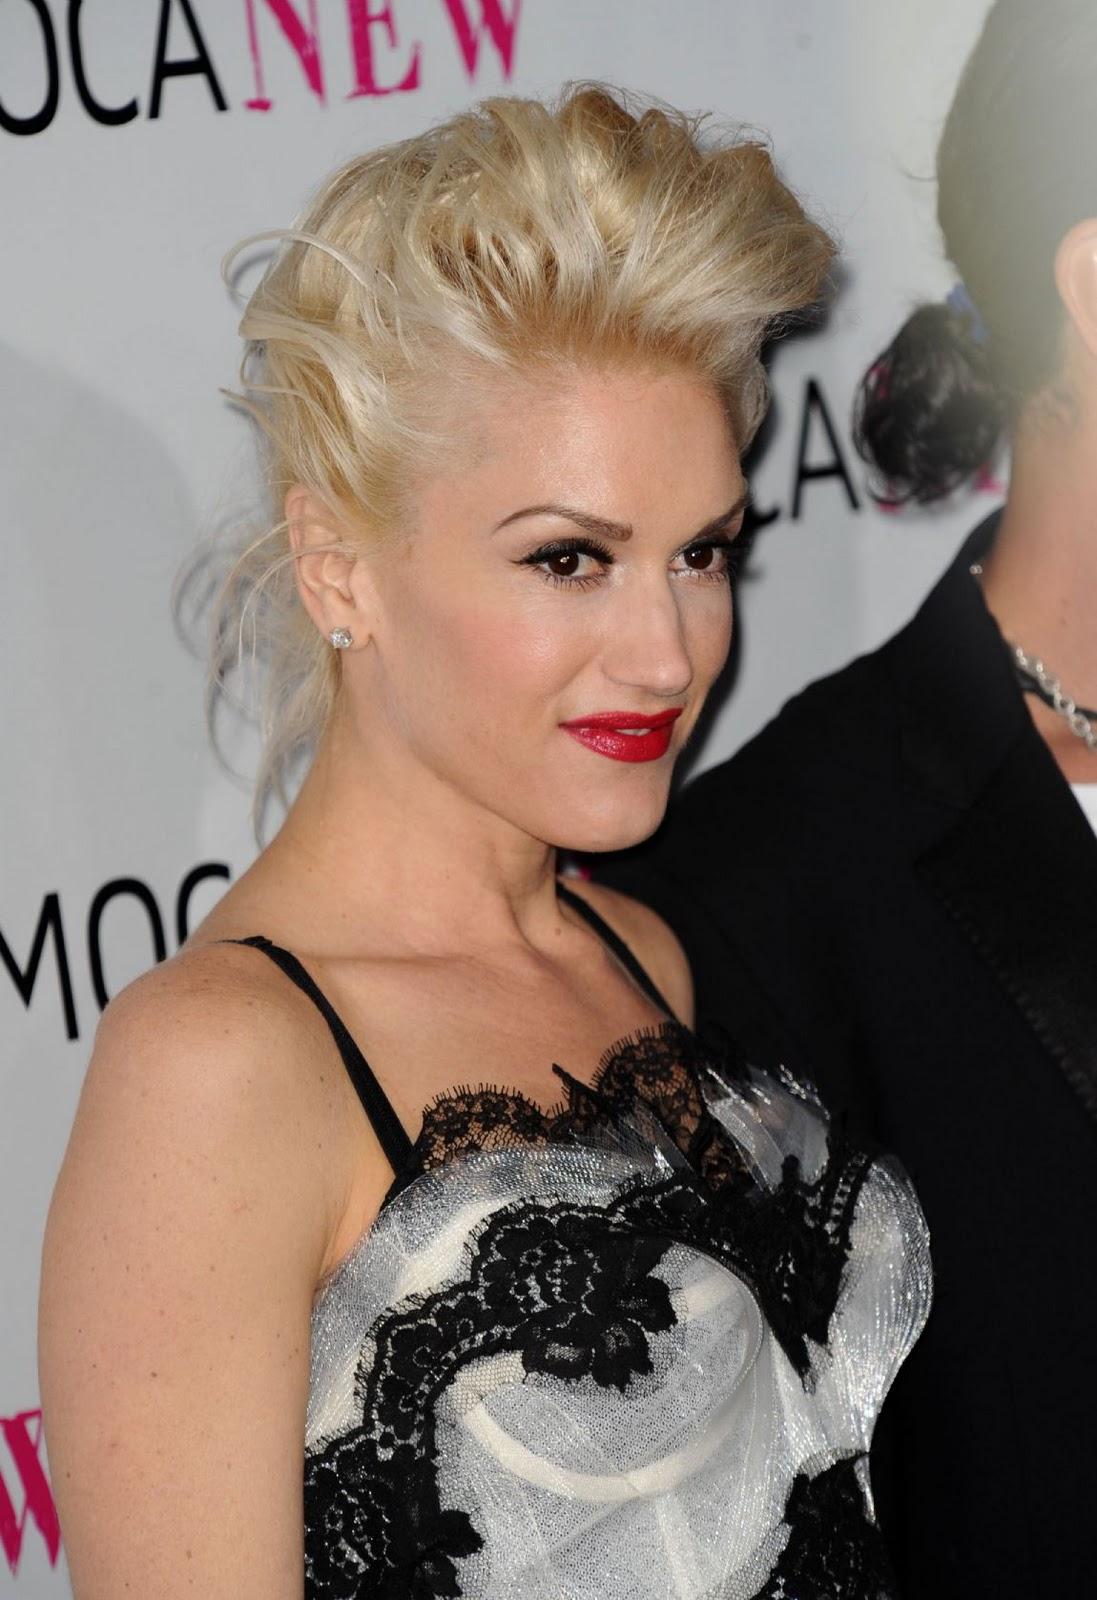 http://3.bp.blogspot.com/-Vj1W01PTLoE/Tolaup7l9NI/AAAAAAAAAos/7wvEmqiri3s/s1600/Gwen-Stefani-hairstyle-songs-pics-lyrics+6.jpg